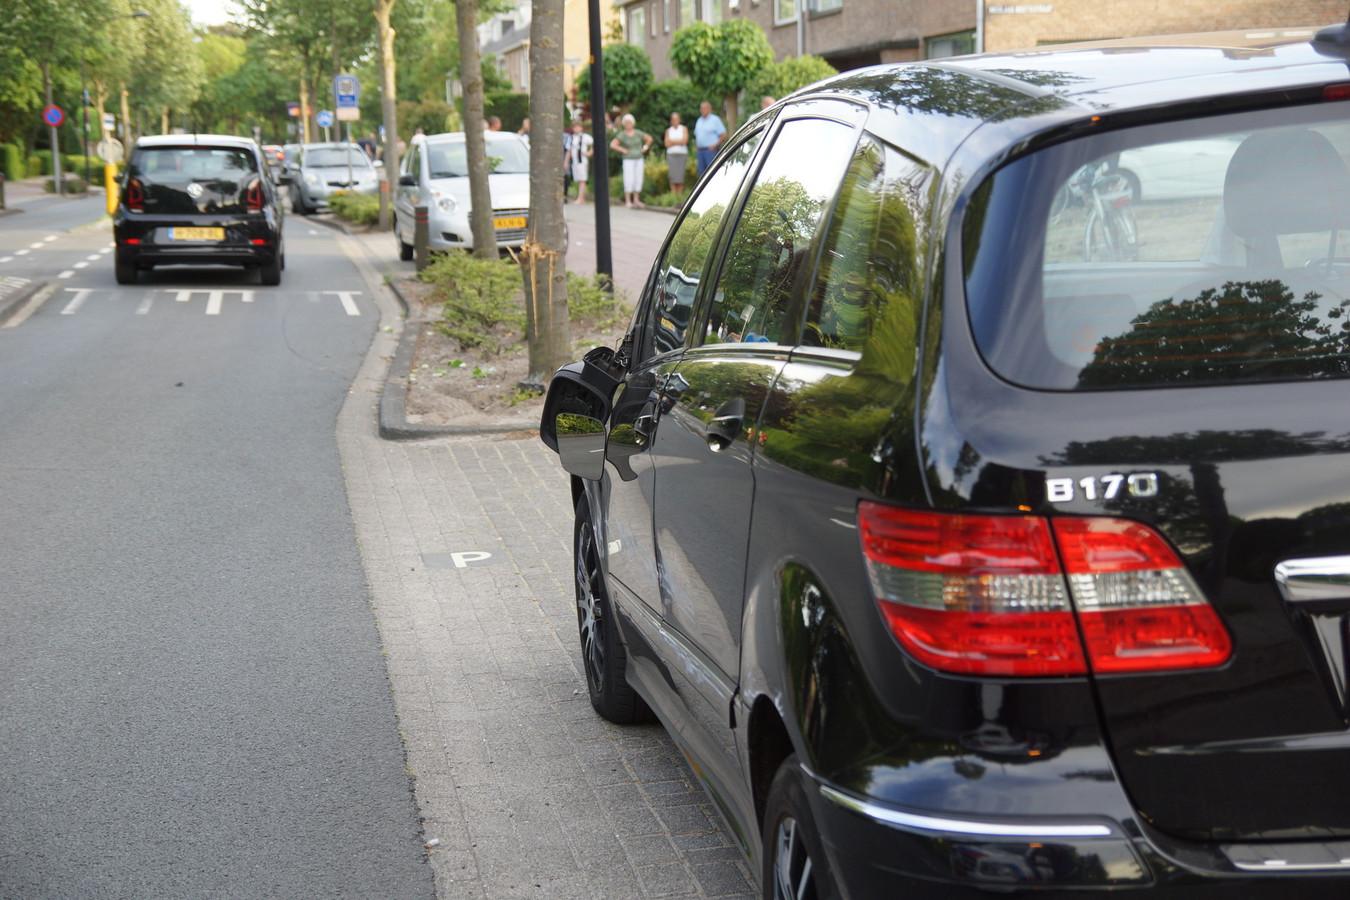 De Mercedes van het slachtoffer raakte beschadigd, op de achtergrond de boom waartegen de wagen tot stilstand kwam.